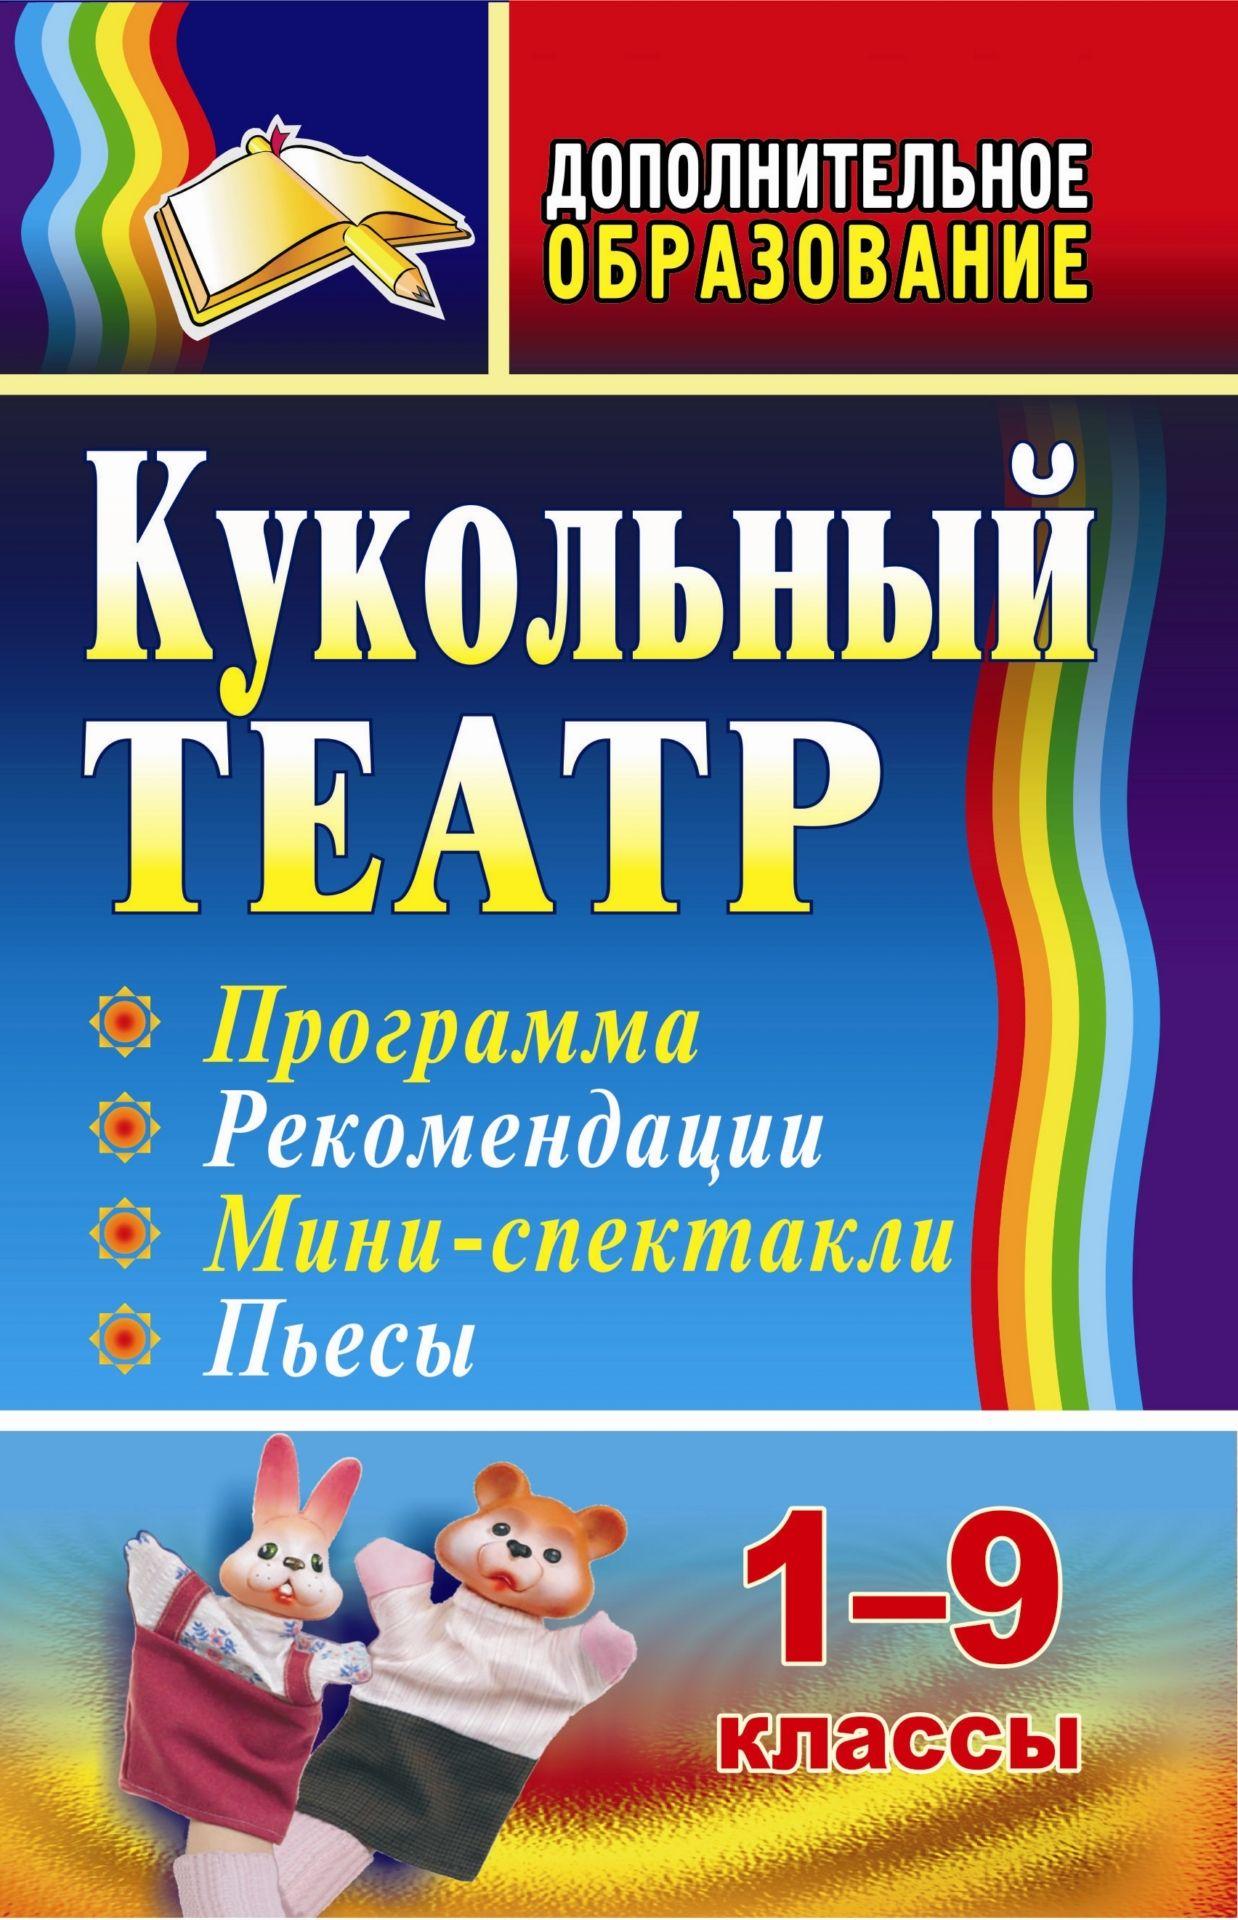 Кукольный театр: программа, рекомендации, мини-спектакли, пьесы. 1-9 классы